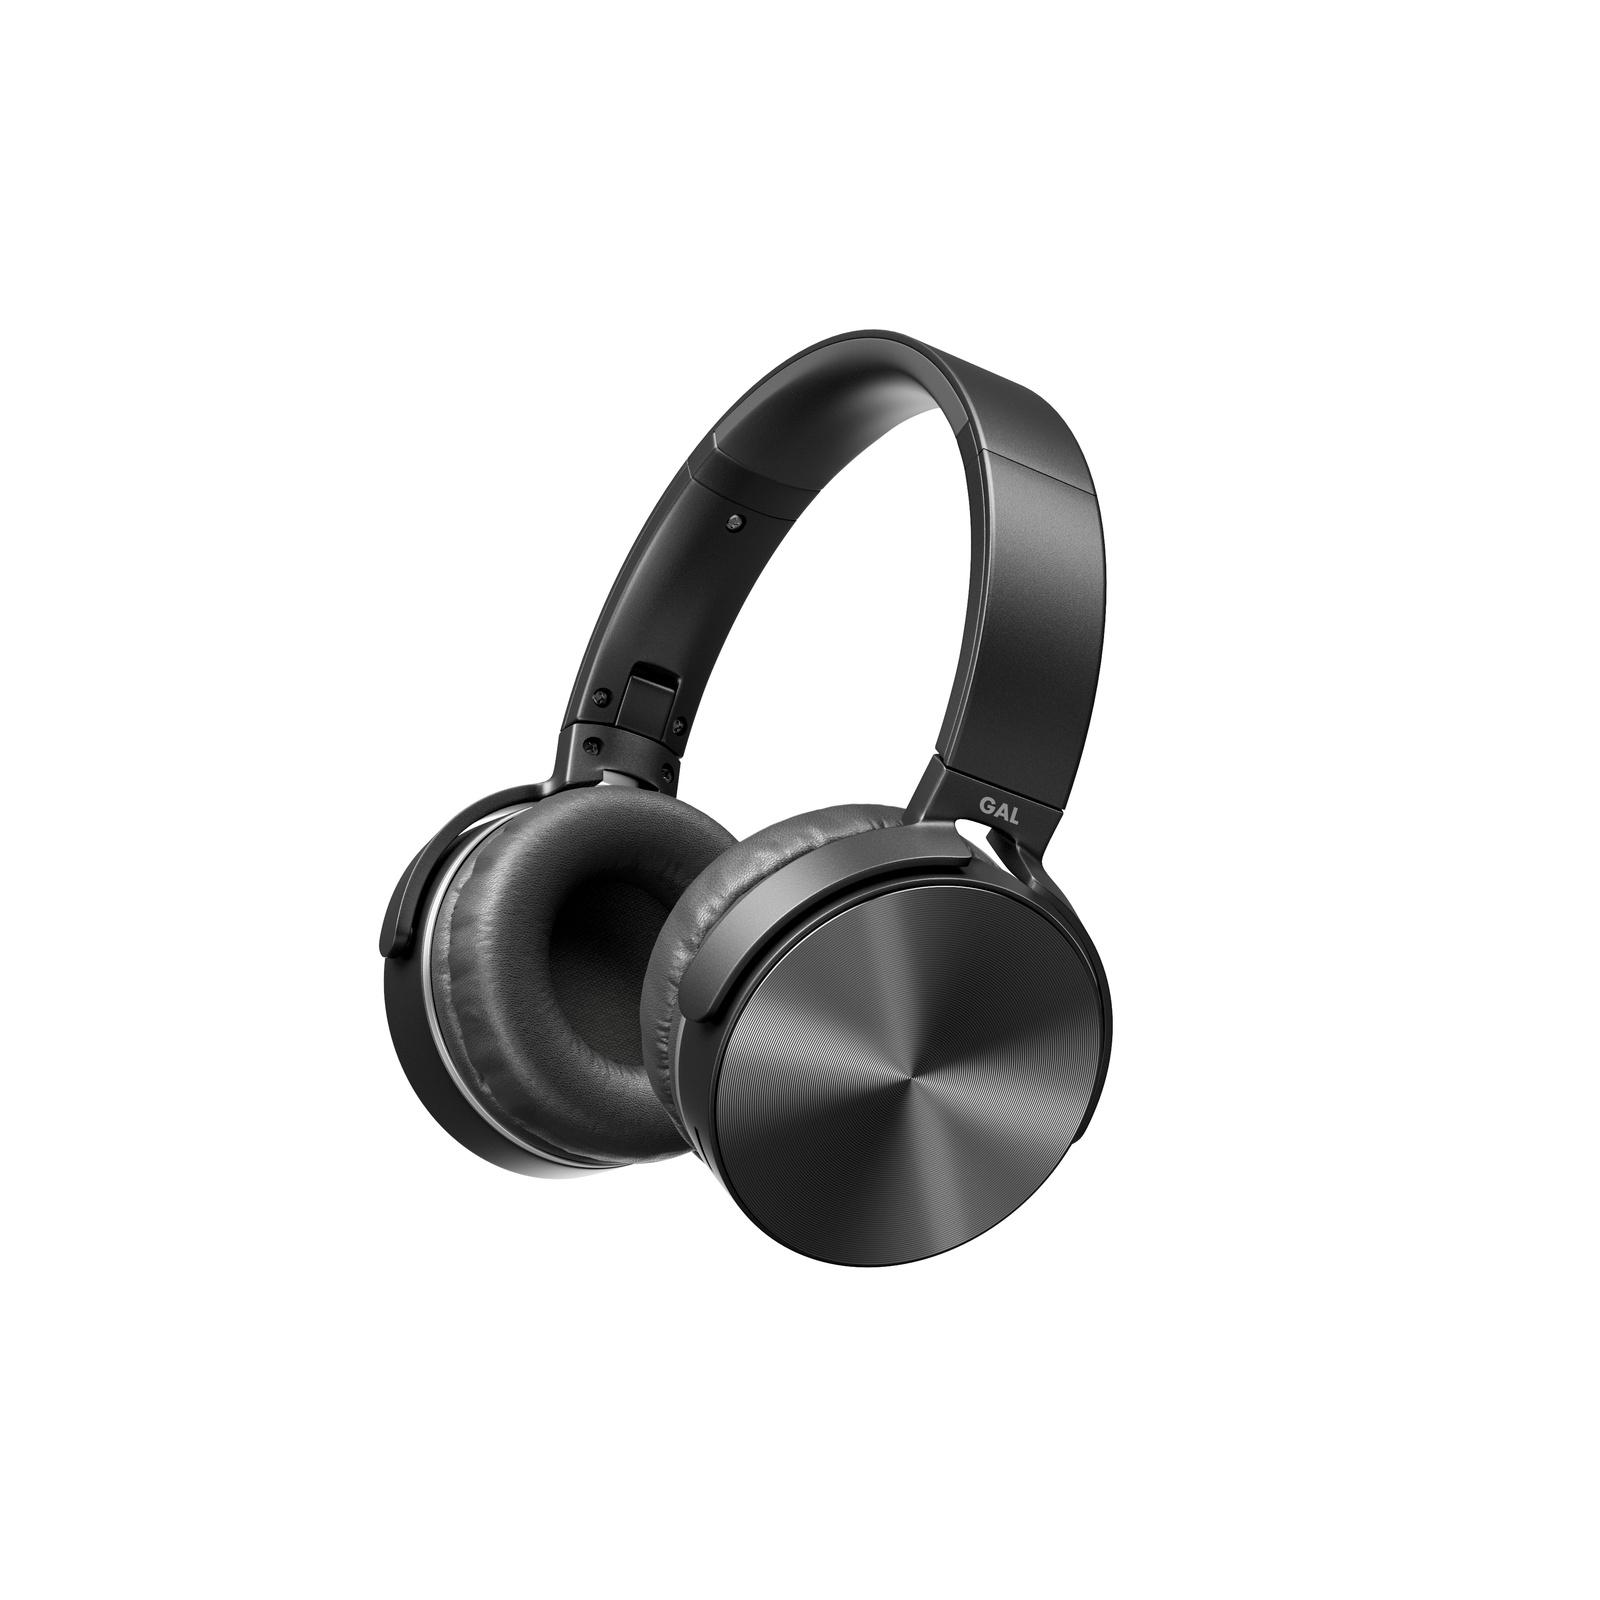 Наушники Bluetooth беспроводные с микрофоном GAL BH-3009 Цвет: черный nokia bh 109 ice гарнитура bluetooth